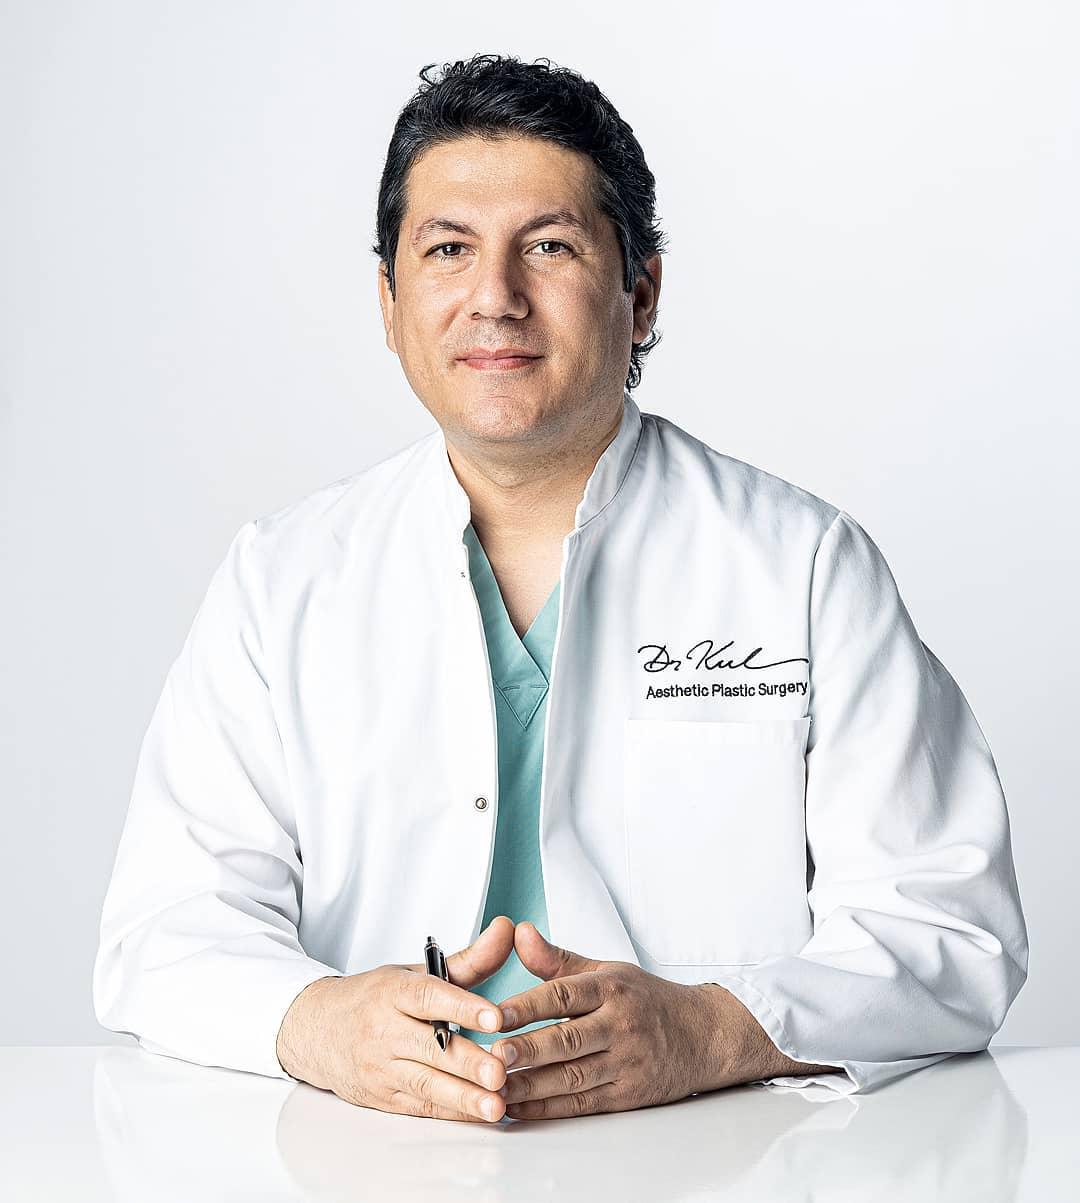 kurumsal doktor fotoğraf çekimi